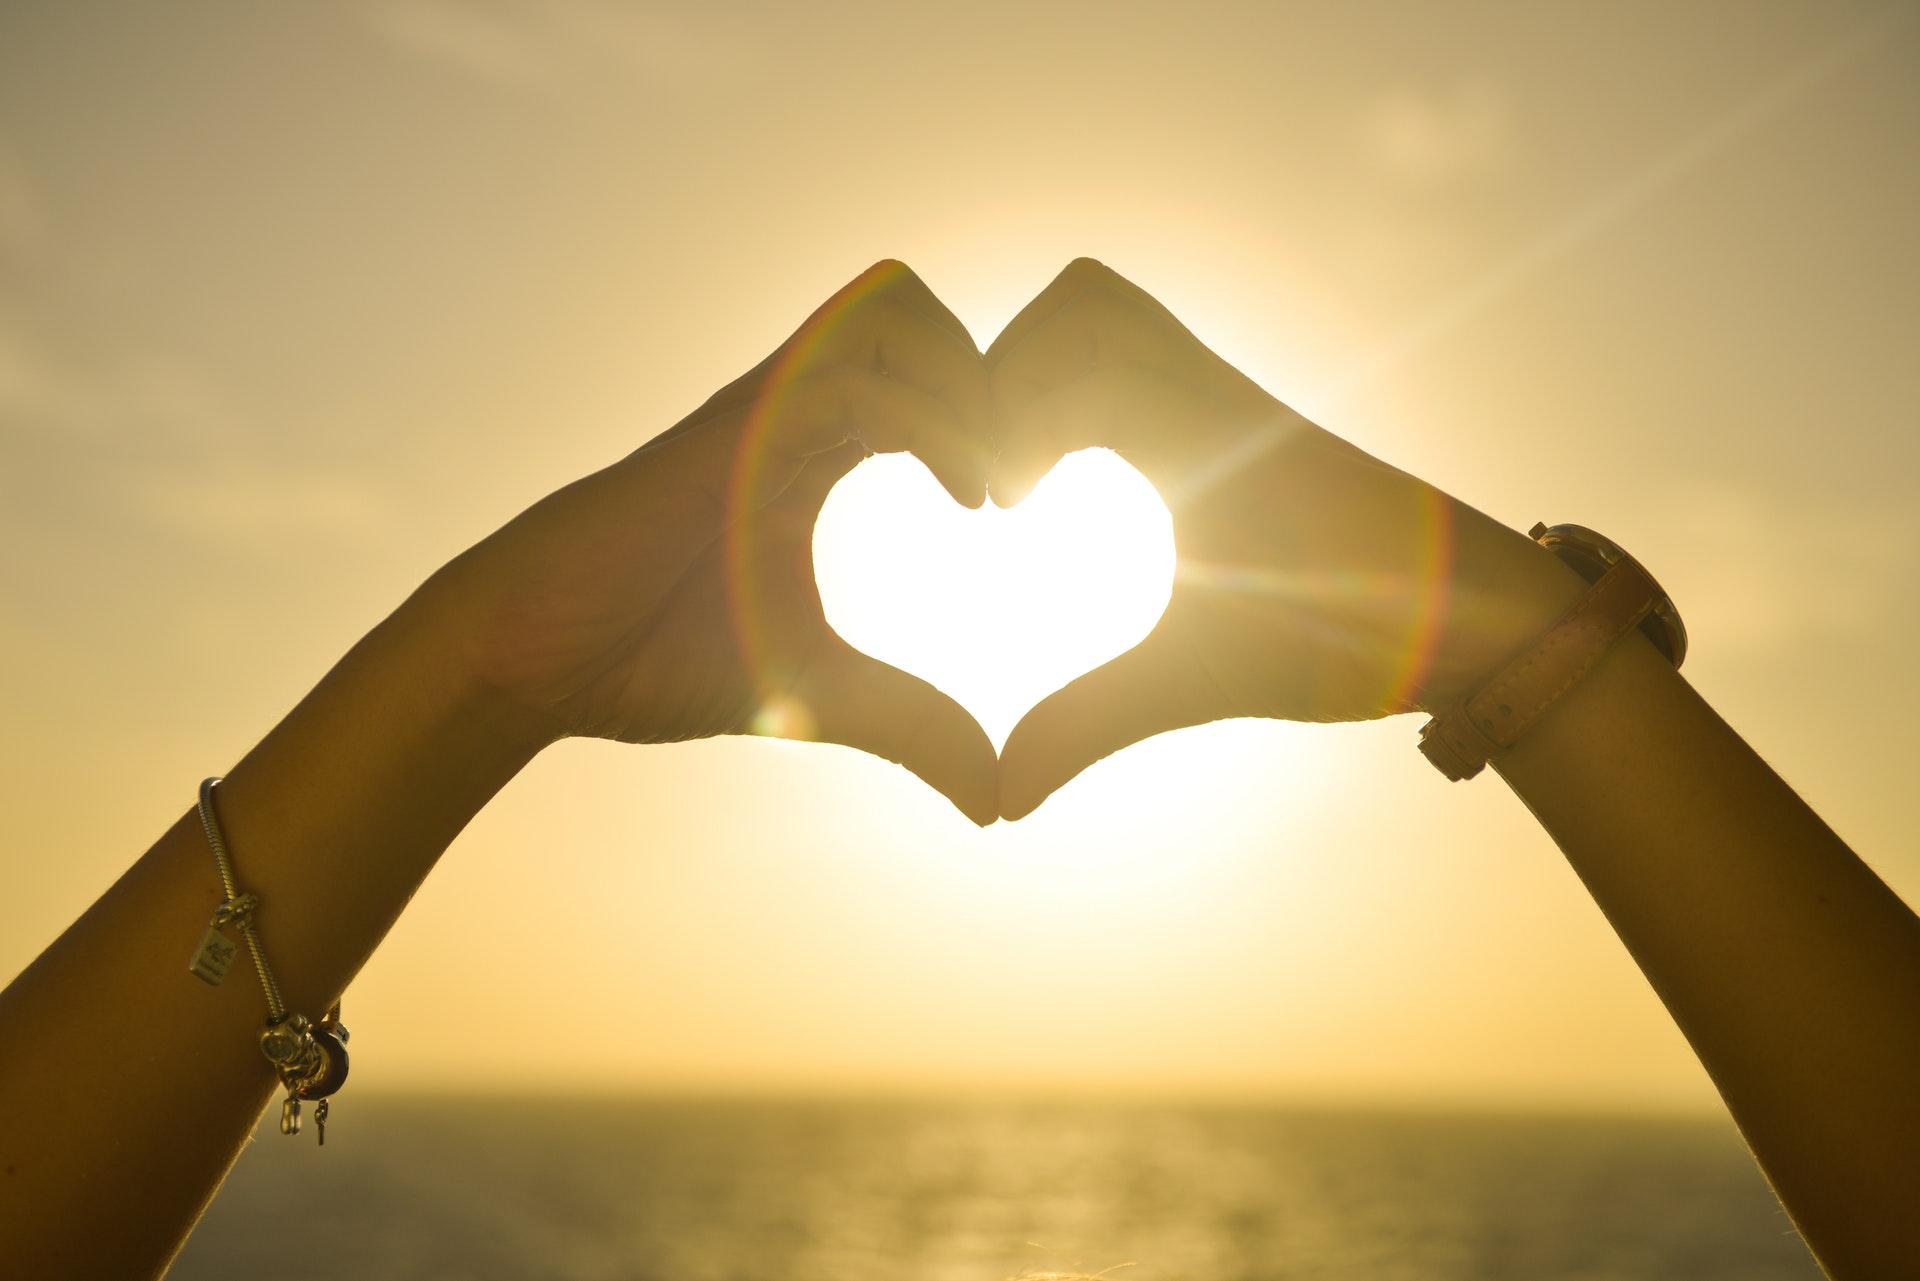 Noticēt mīlestībai